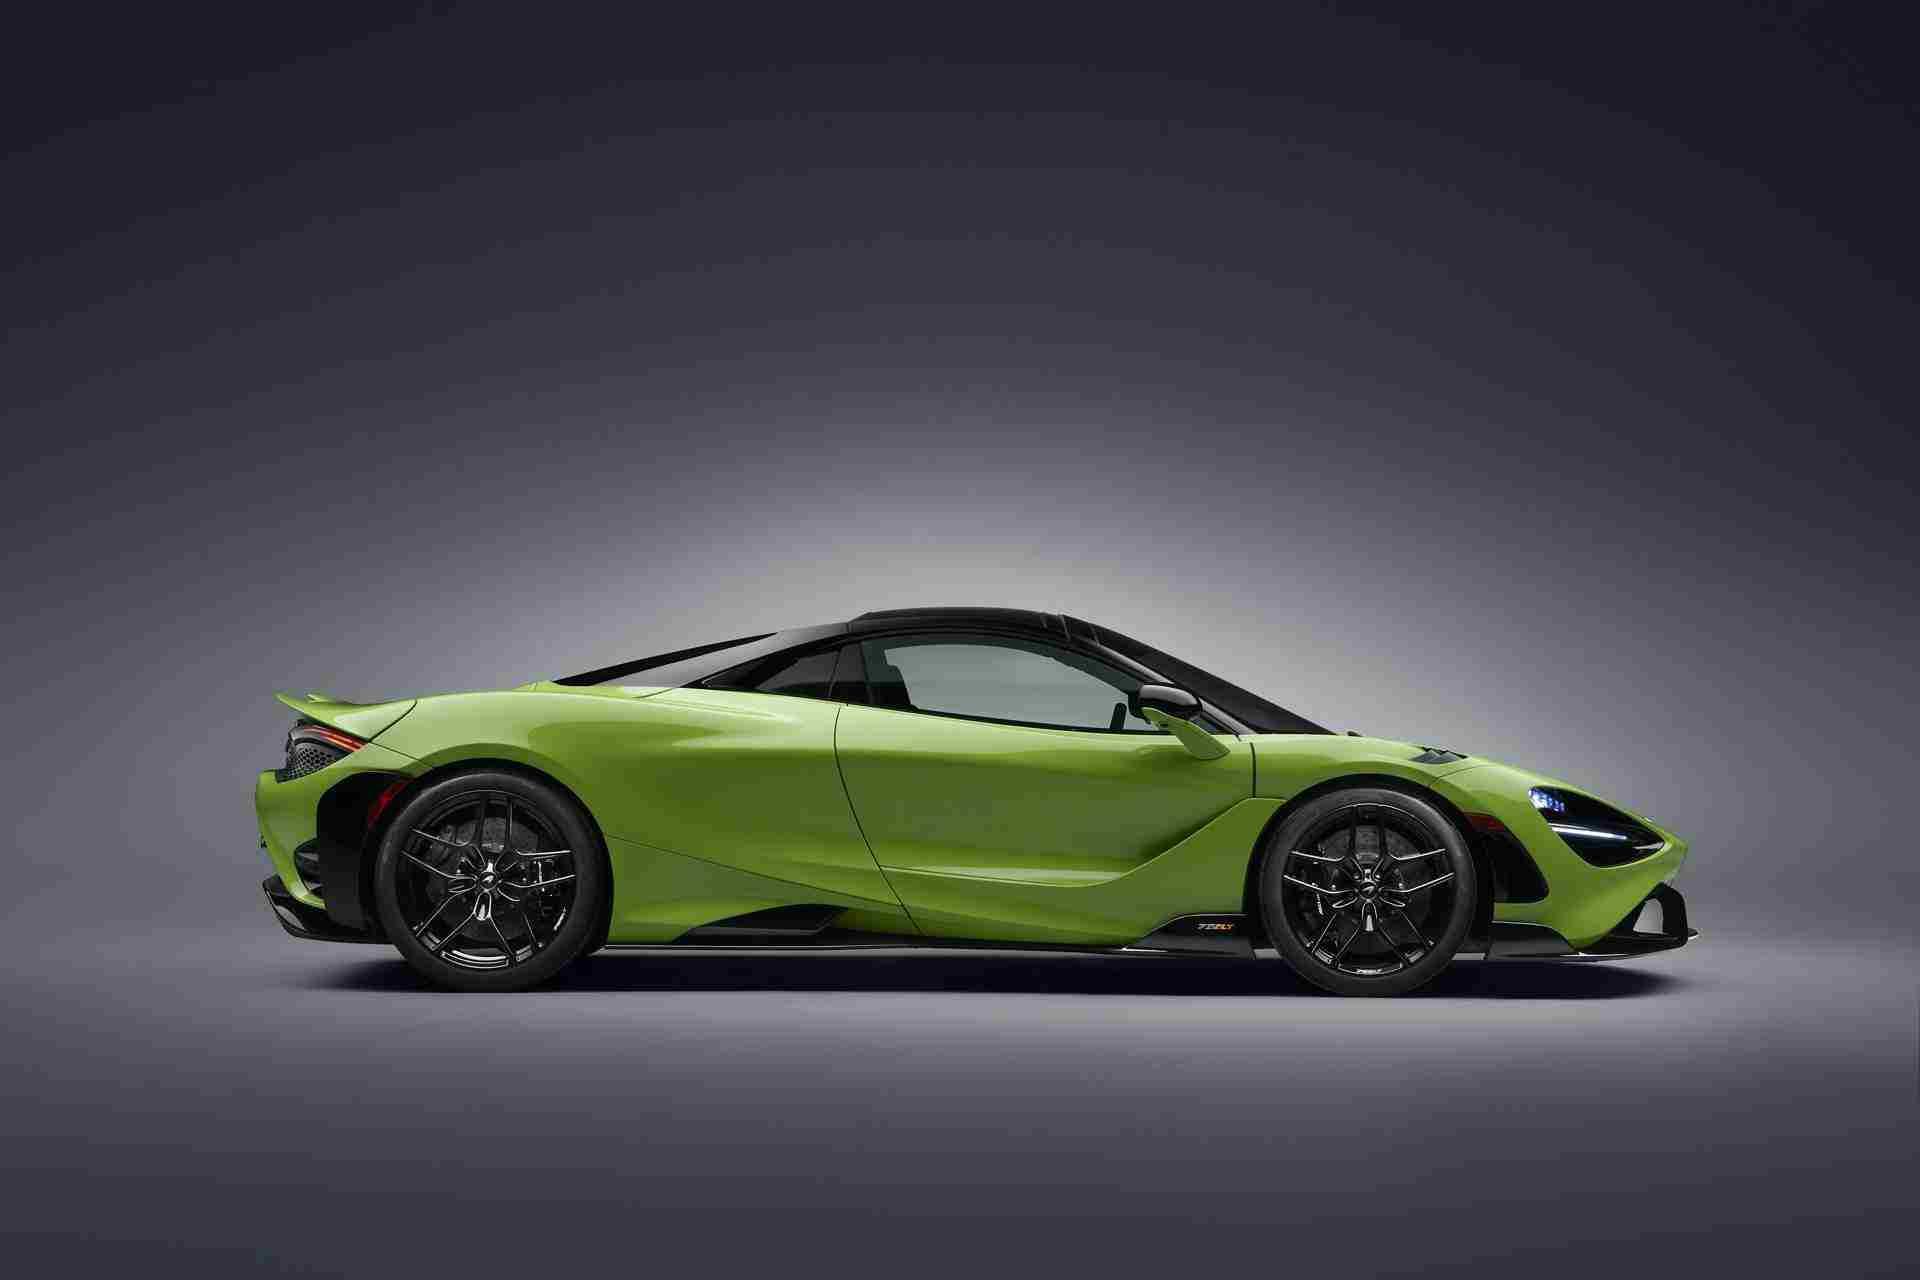 McLaren_765LT_Spider-Studio-14-Profile_roof_up